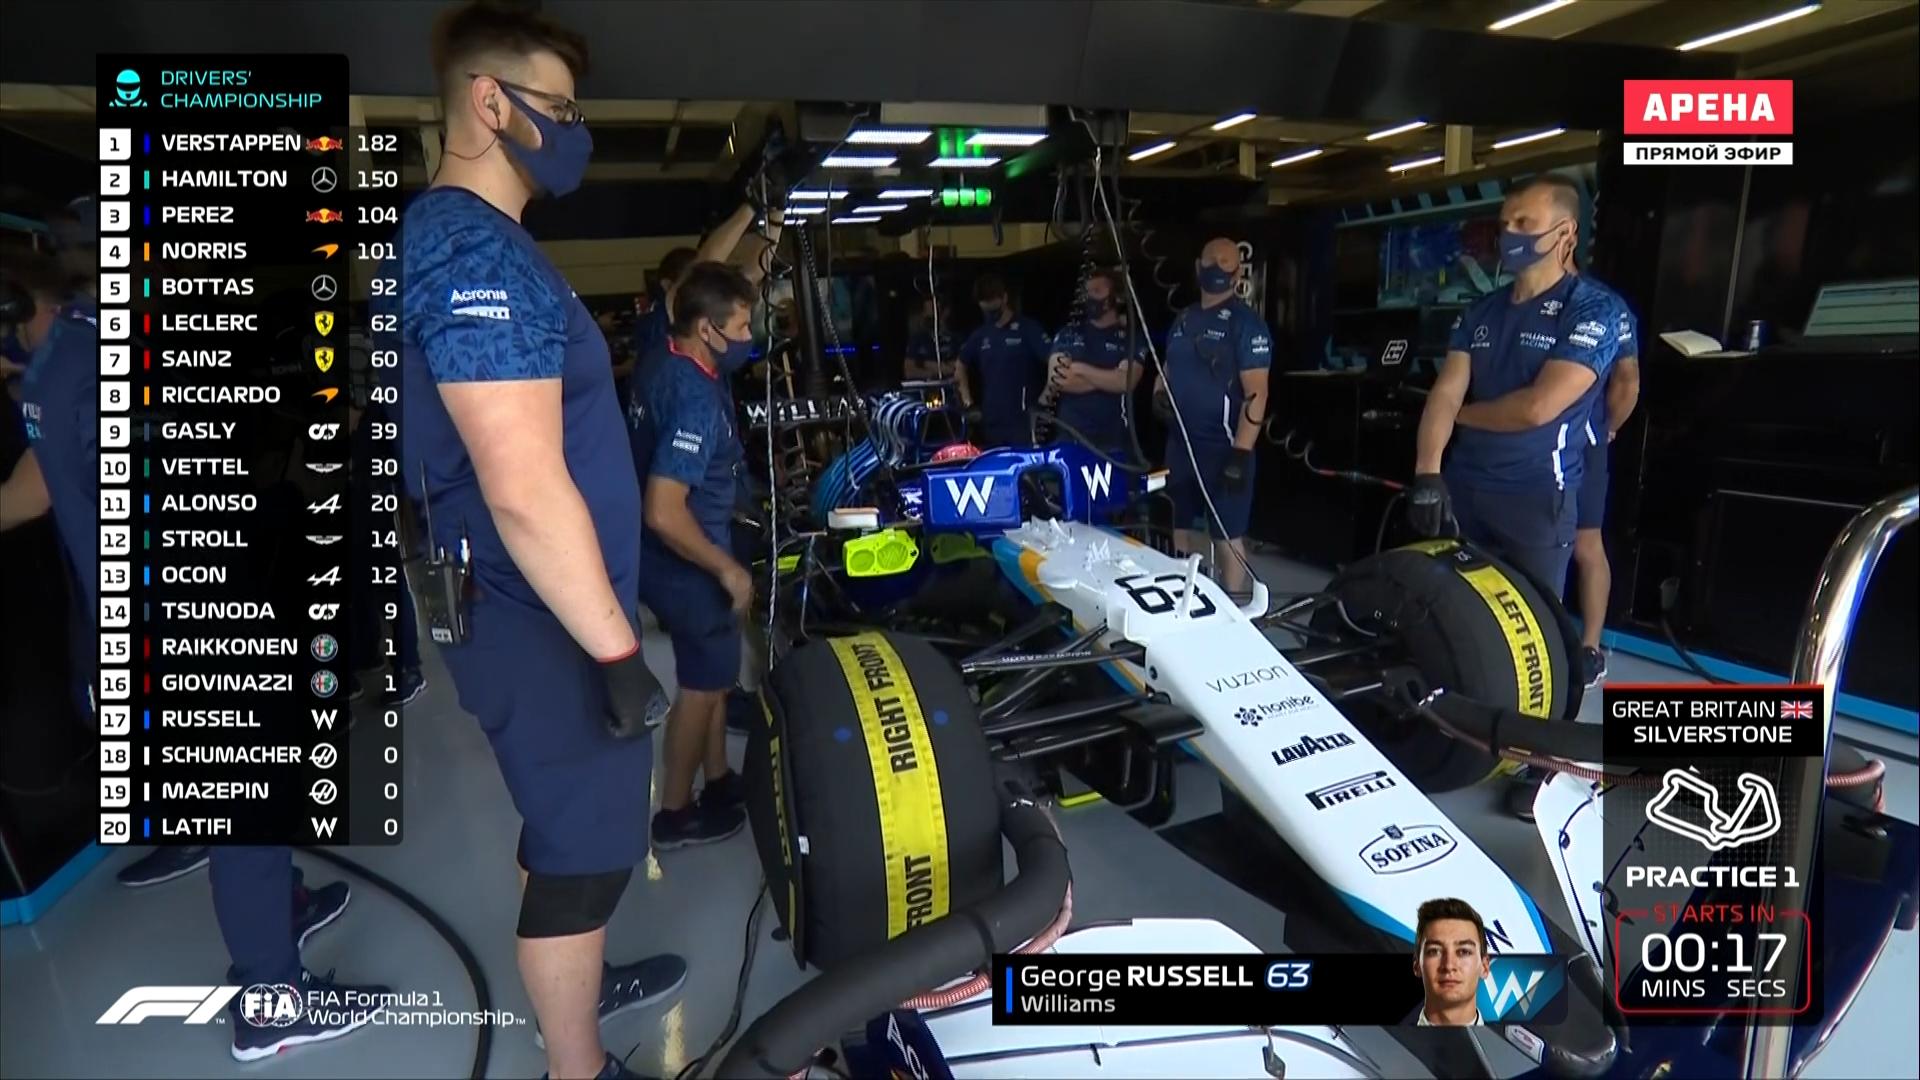 Изображение для Формула 1. Сезон 2021 / Этап 10. Гран-при Великобритании. Практика (1) (16.07.2021) HDTV 1080i (кликните для просмотра полного изображения)